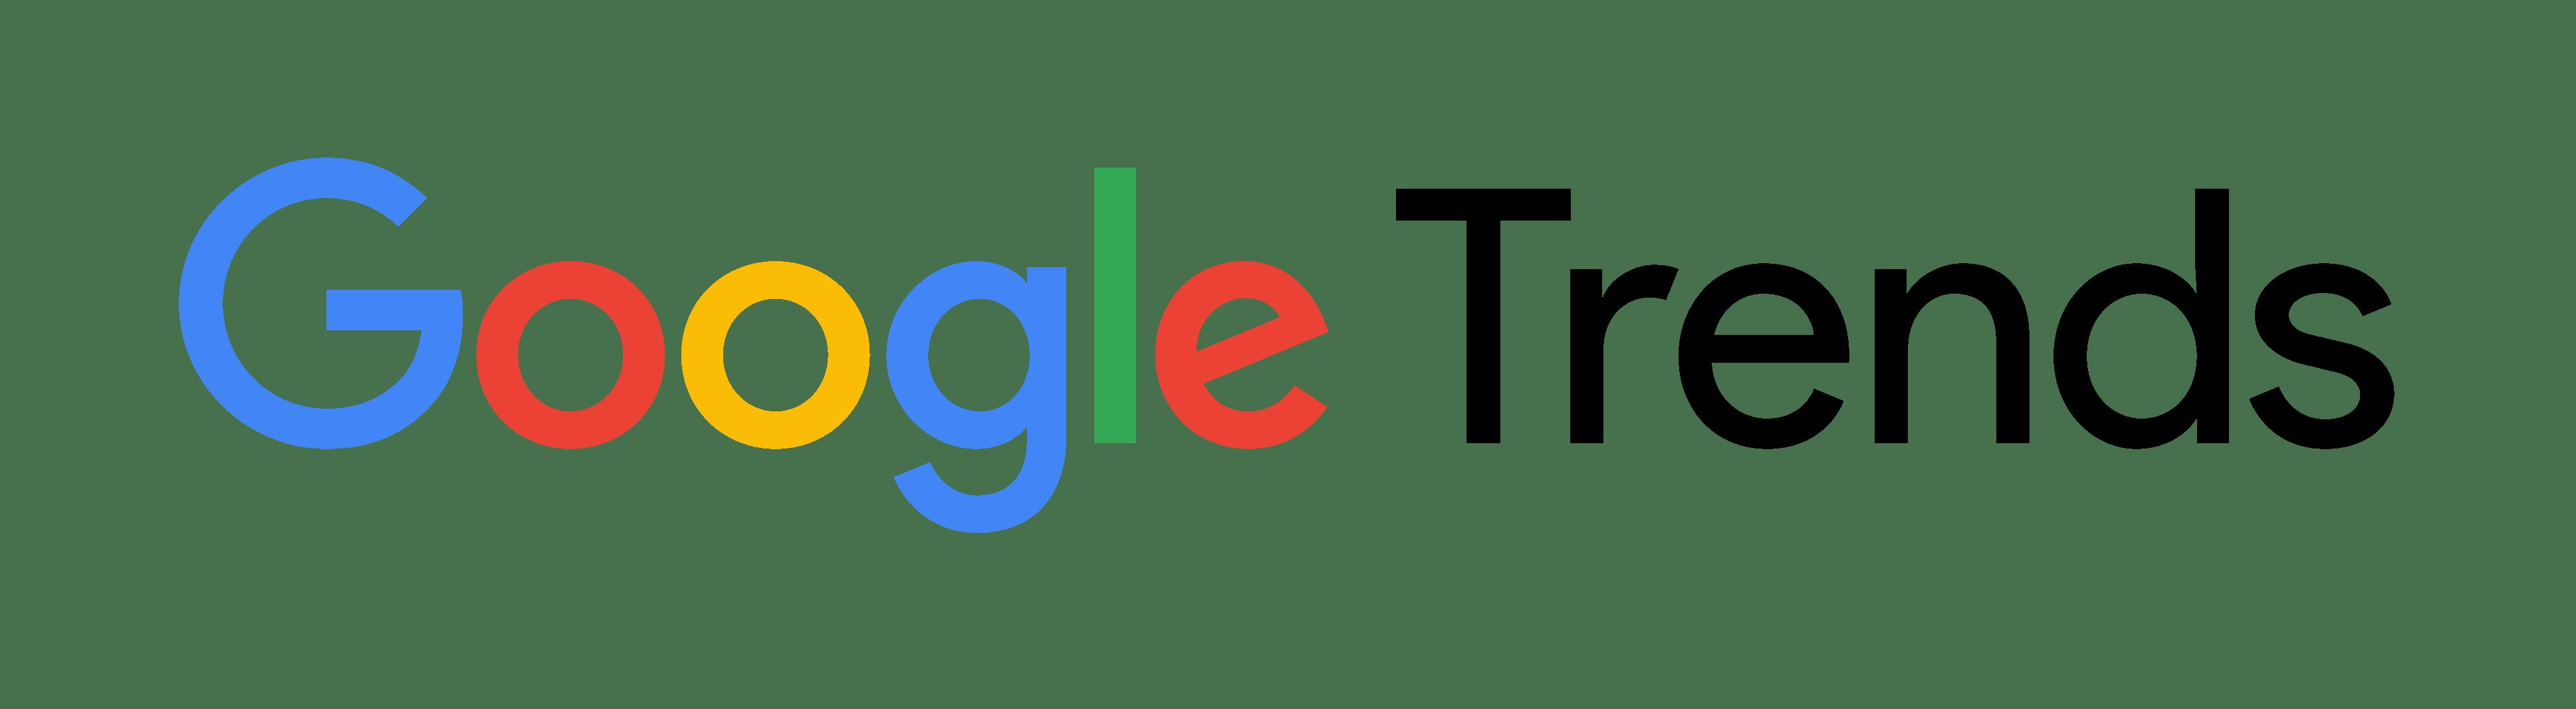 google trends captures general